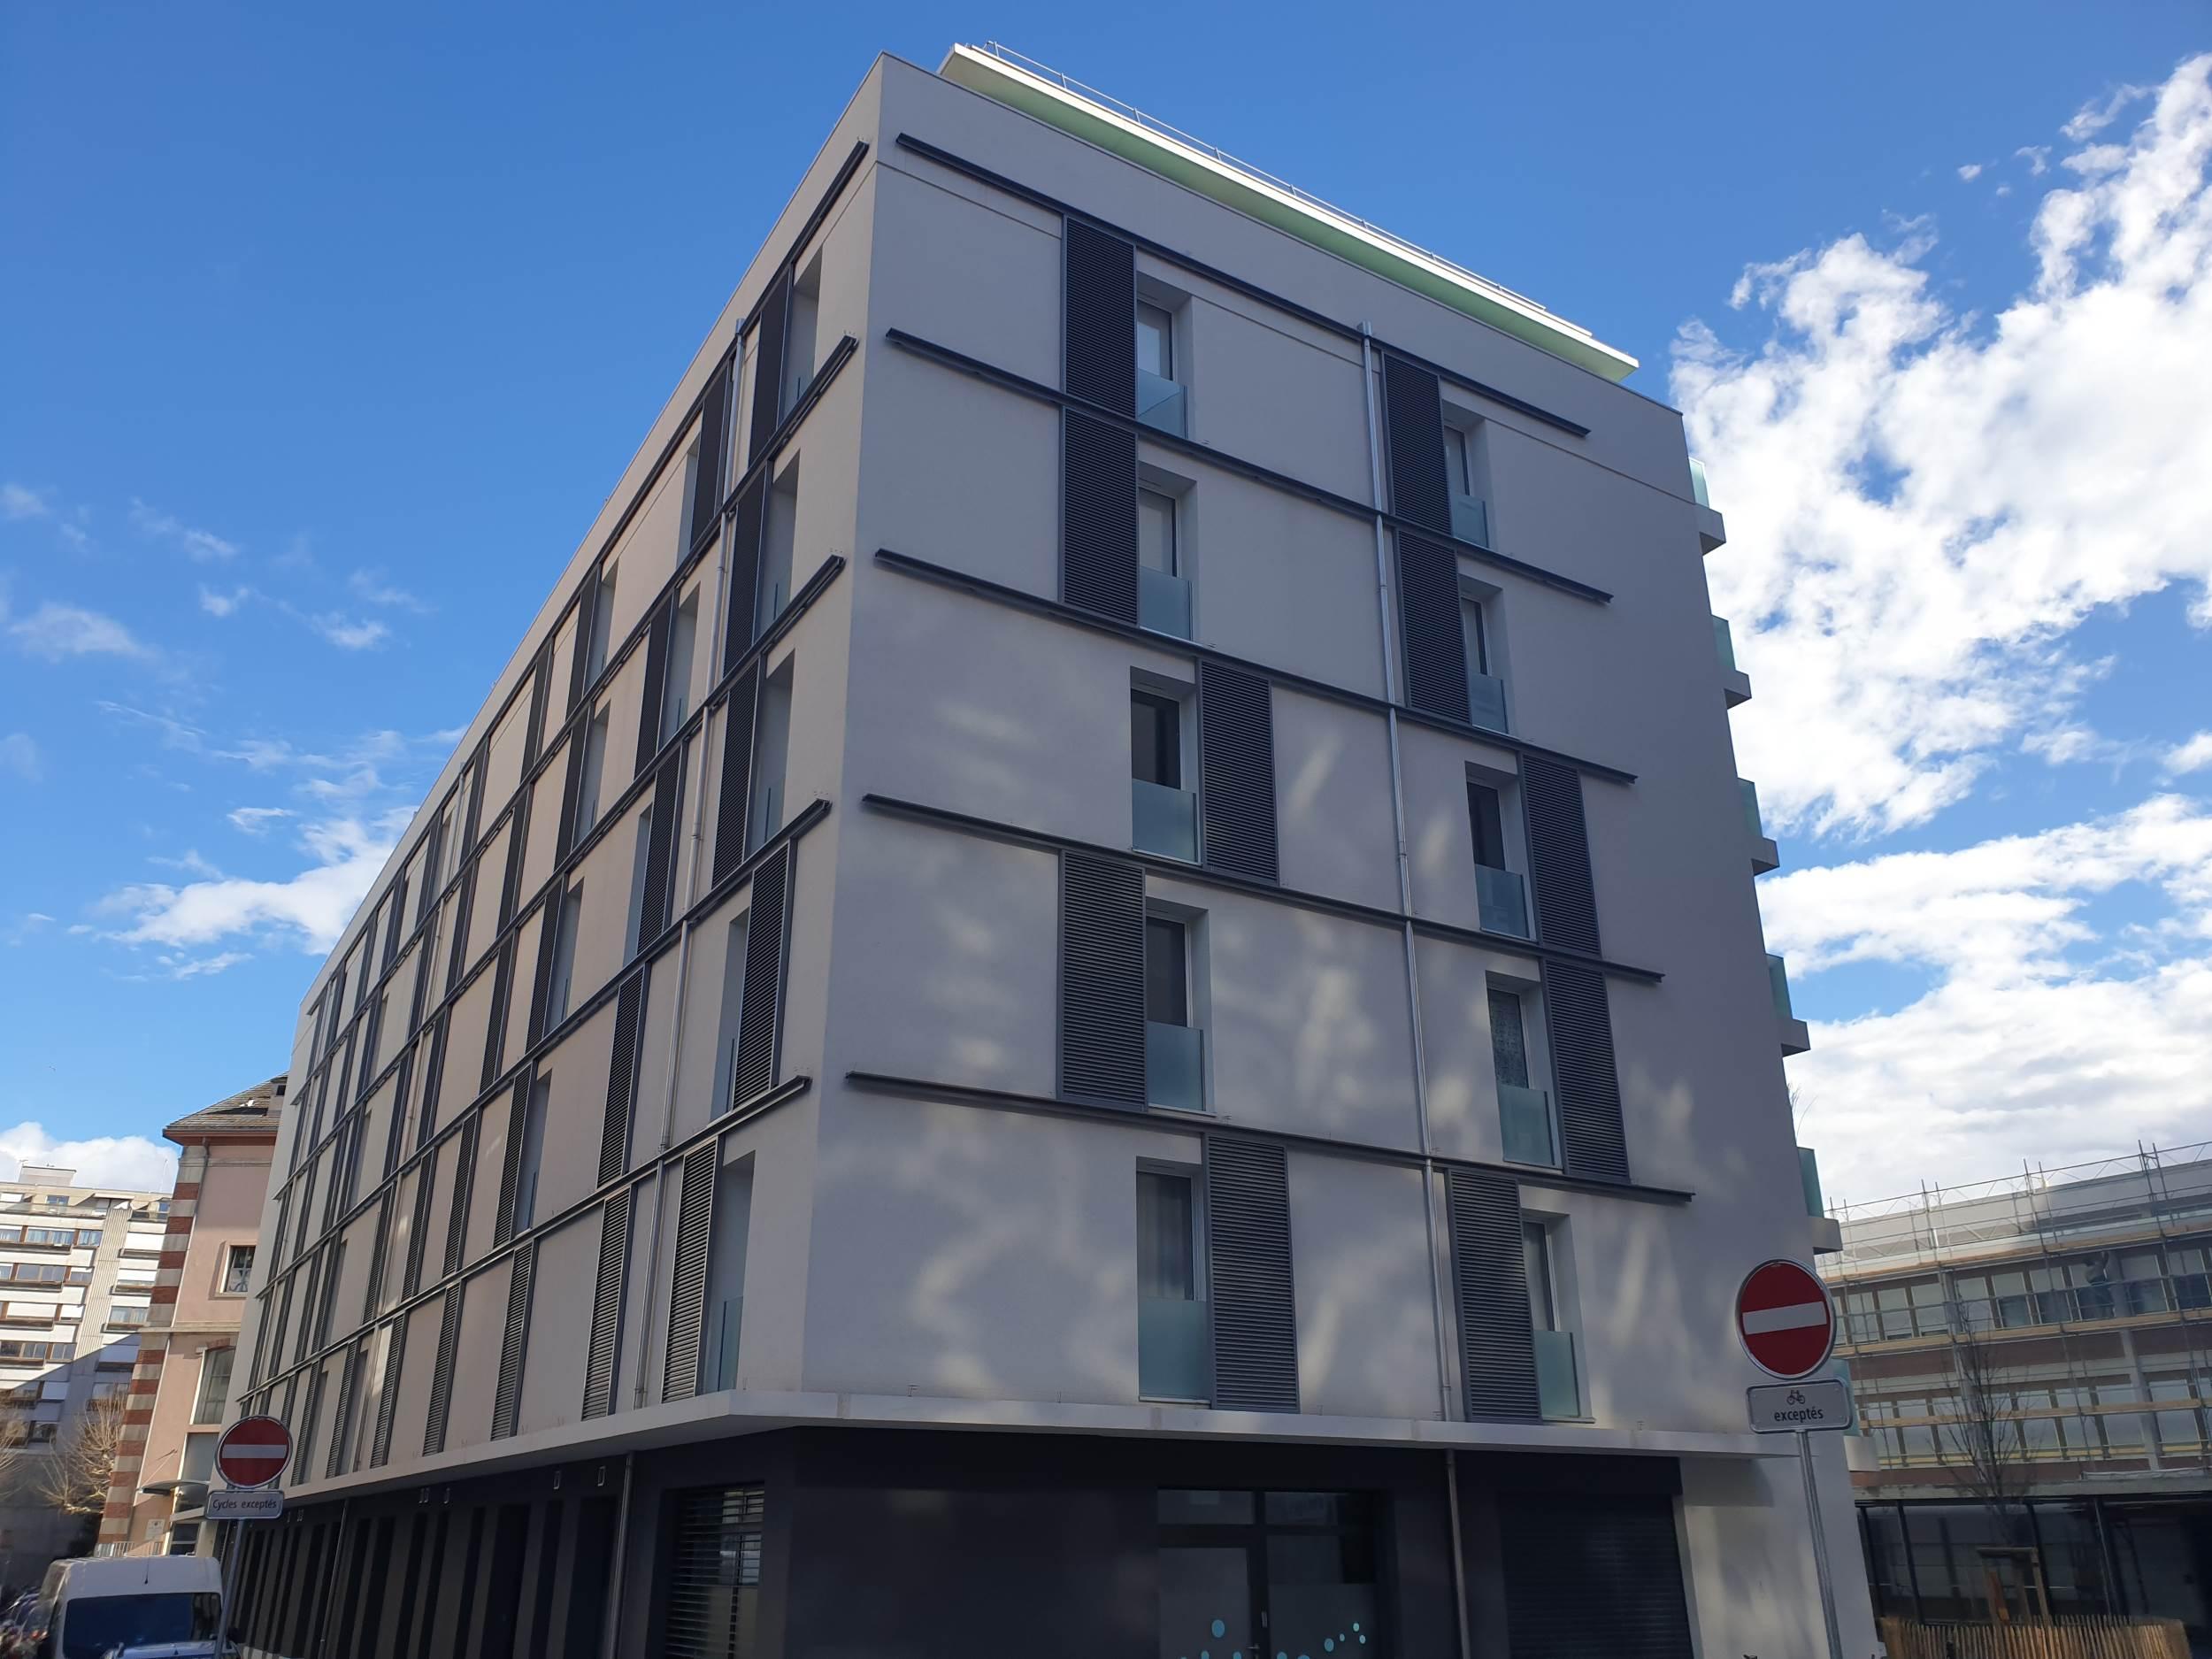 Bureau dec Saint clotilde Genève 3